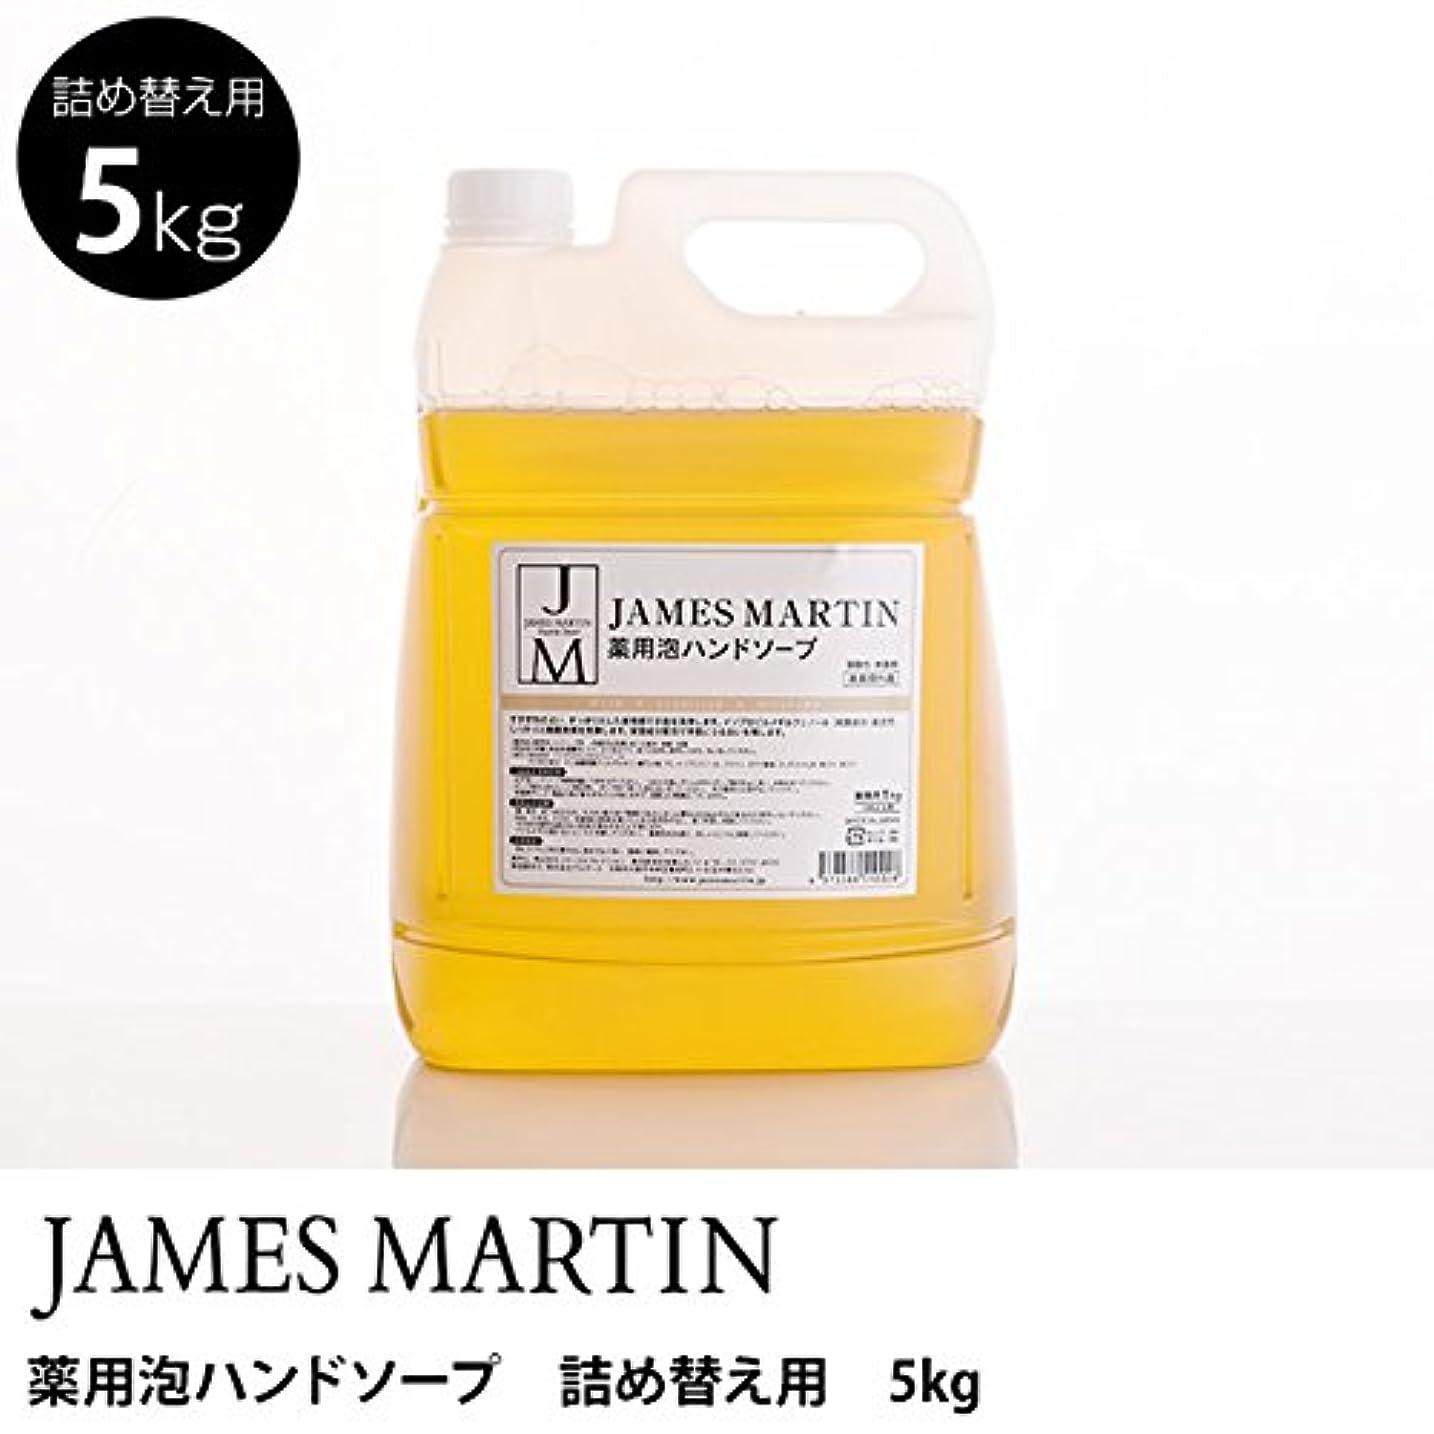 香り保護重要なジェームズマーティン 薬用泡ハンドソープ(無香料) 詰替用 5kg